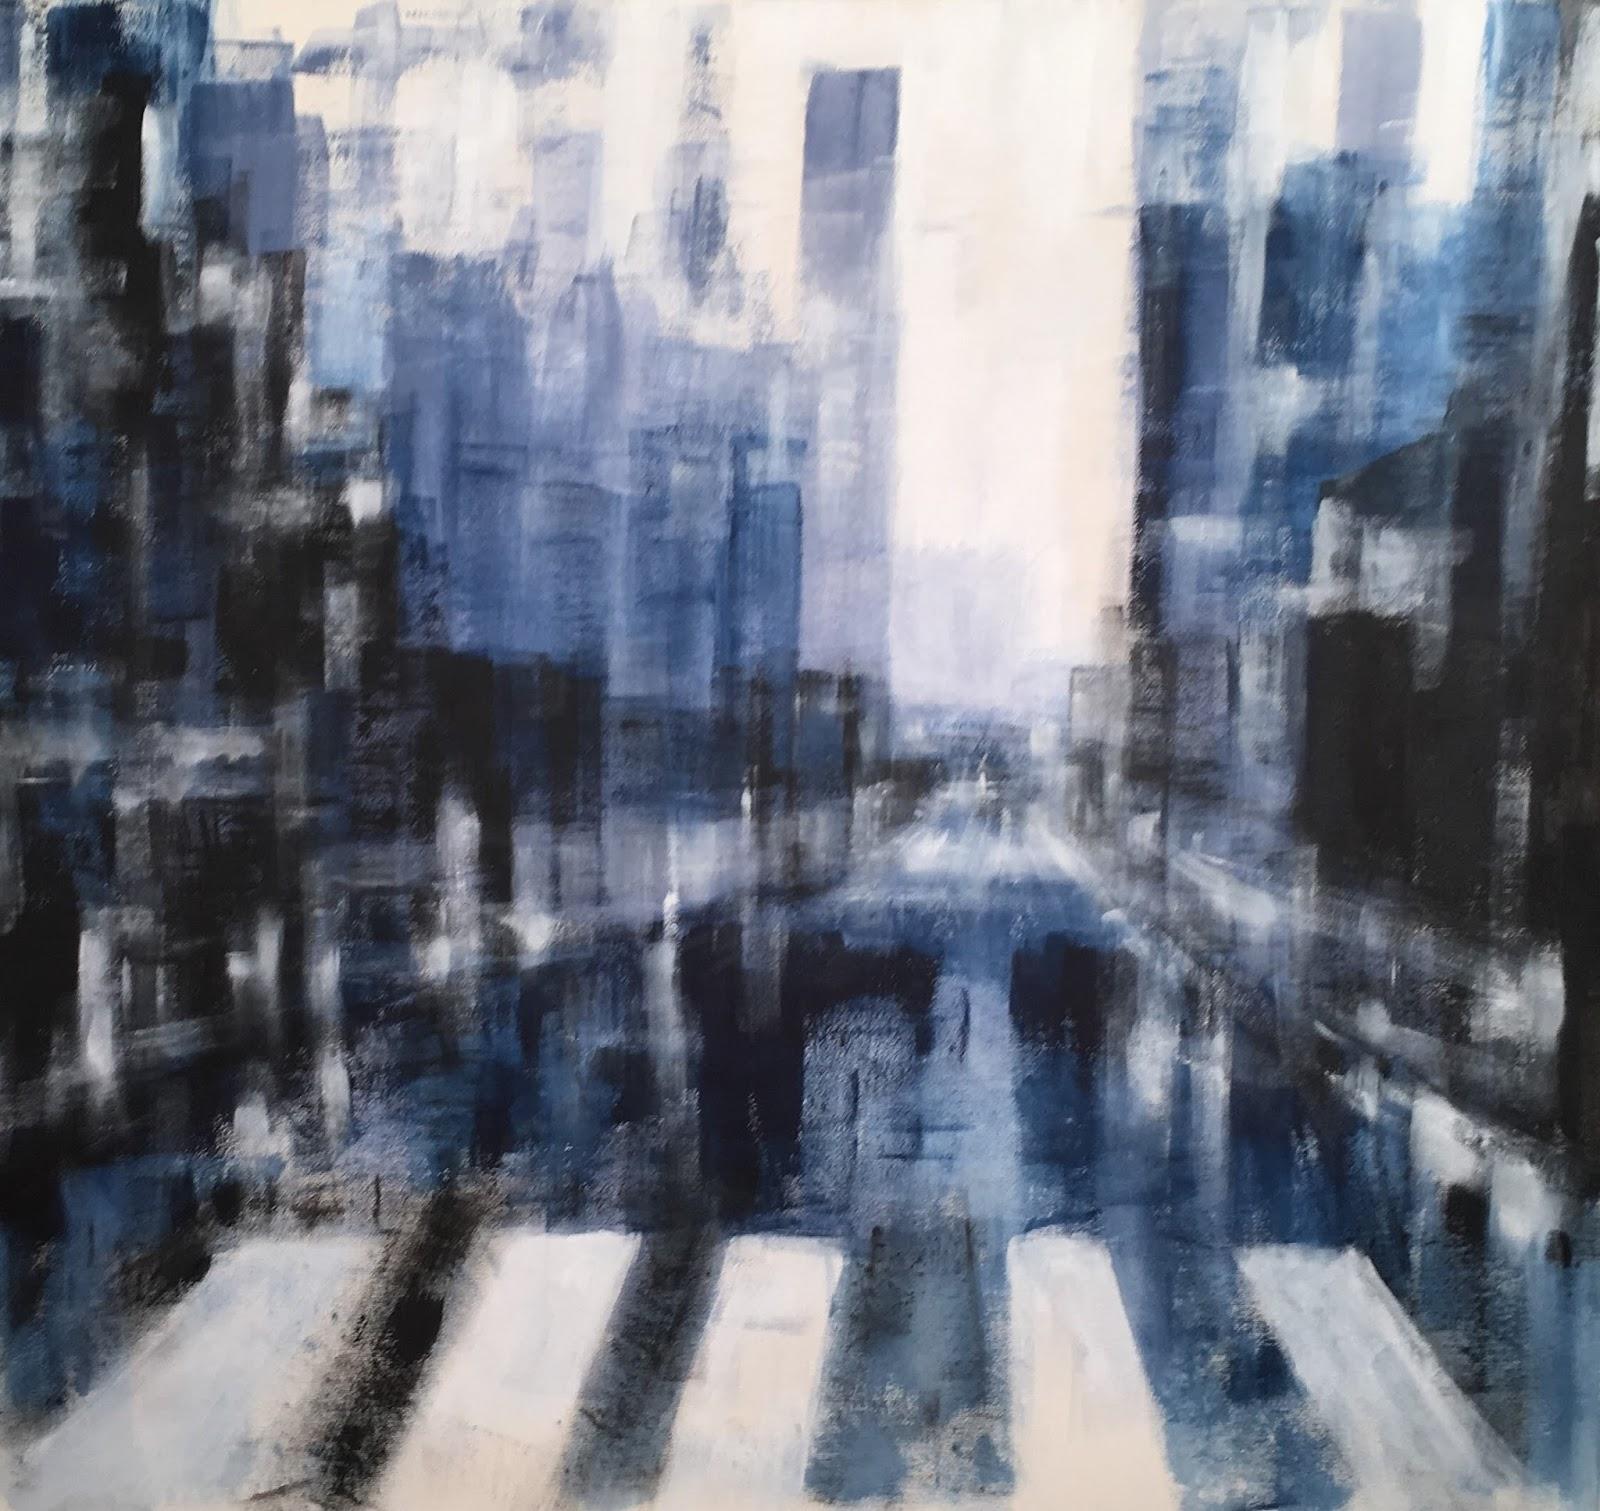 N°4129 - Acrylique sur toile - 120 x 130 cm - 21 avril 2018